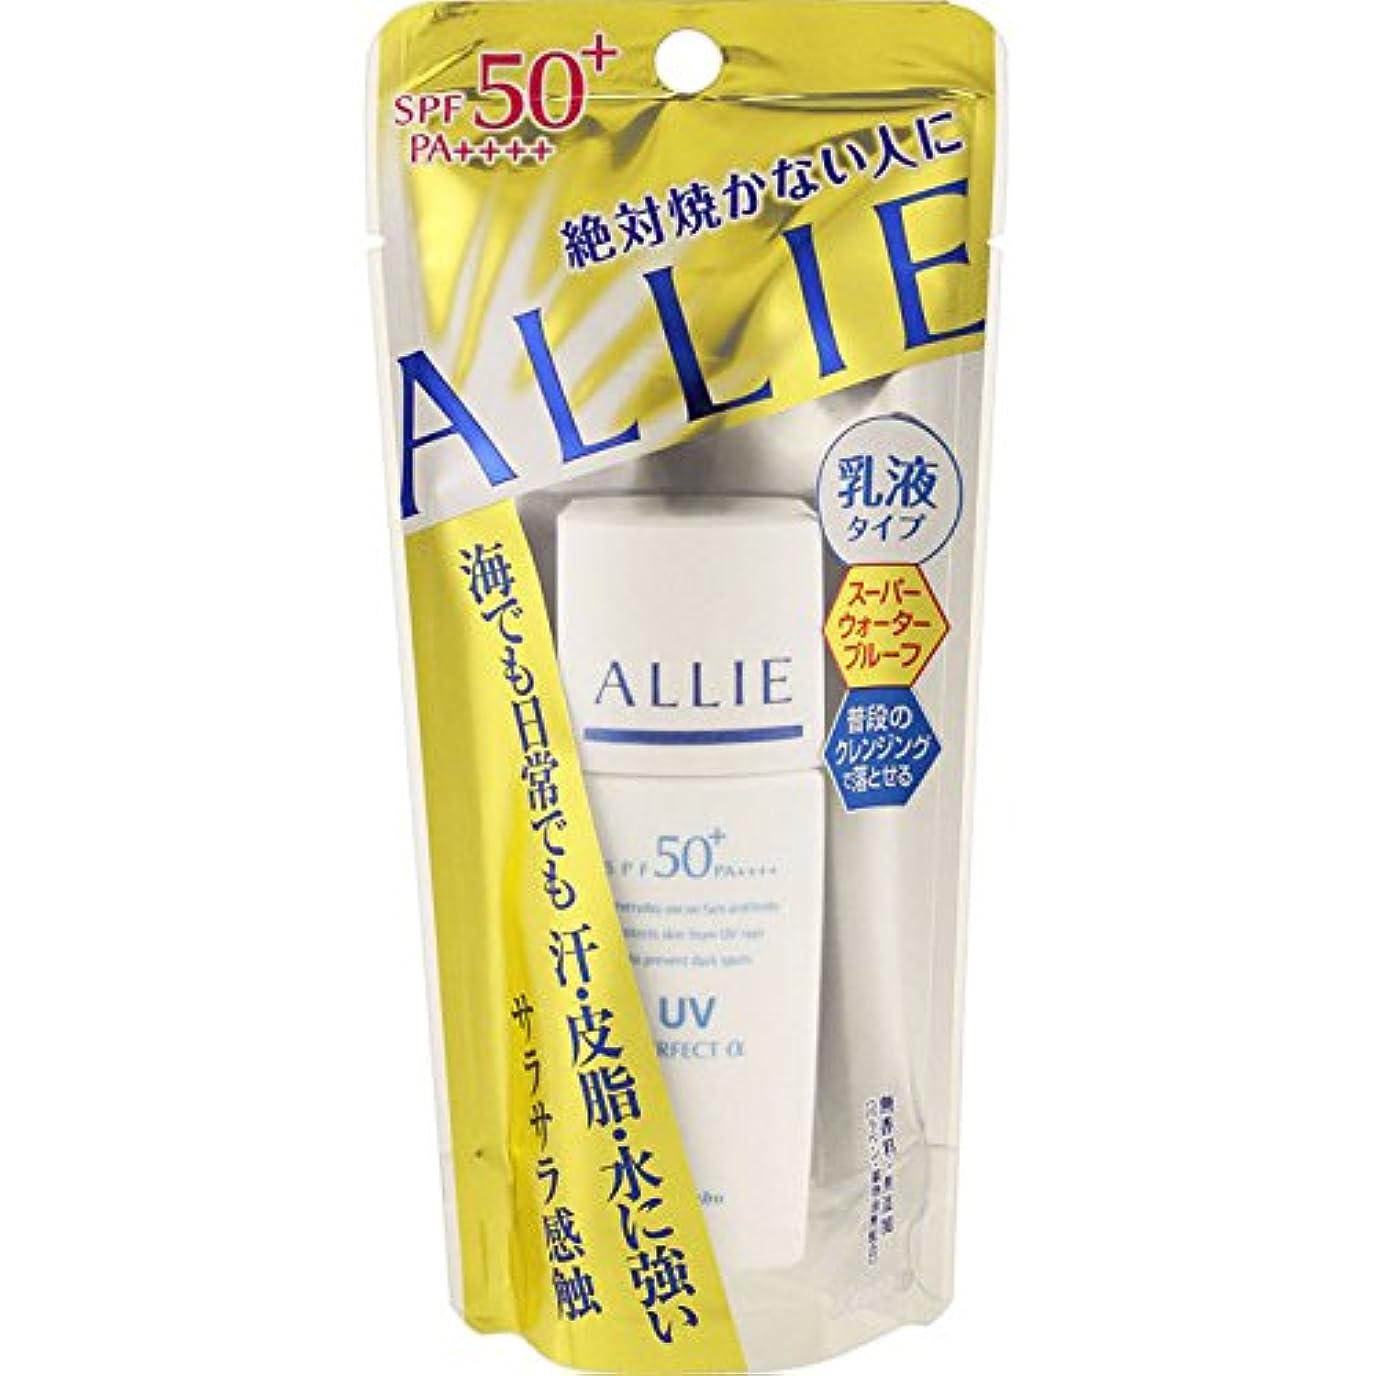 パールインゲン知的【カネボウ】 ALLIE(アリィー) エクストラUVプロテクター(パーフェクトアルファ)S 25mlミニ (SPF50+/PA+++)